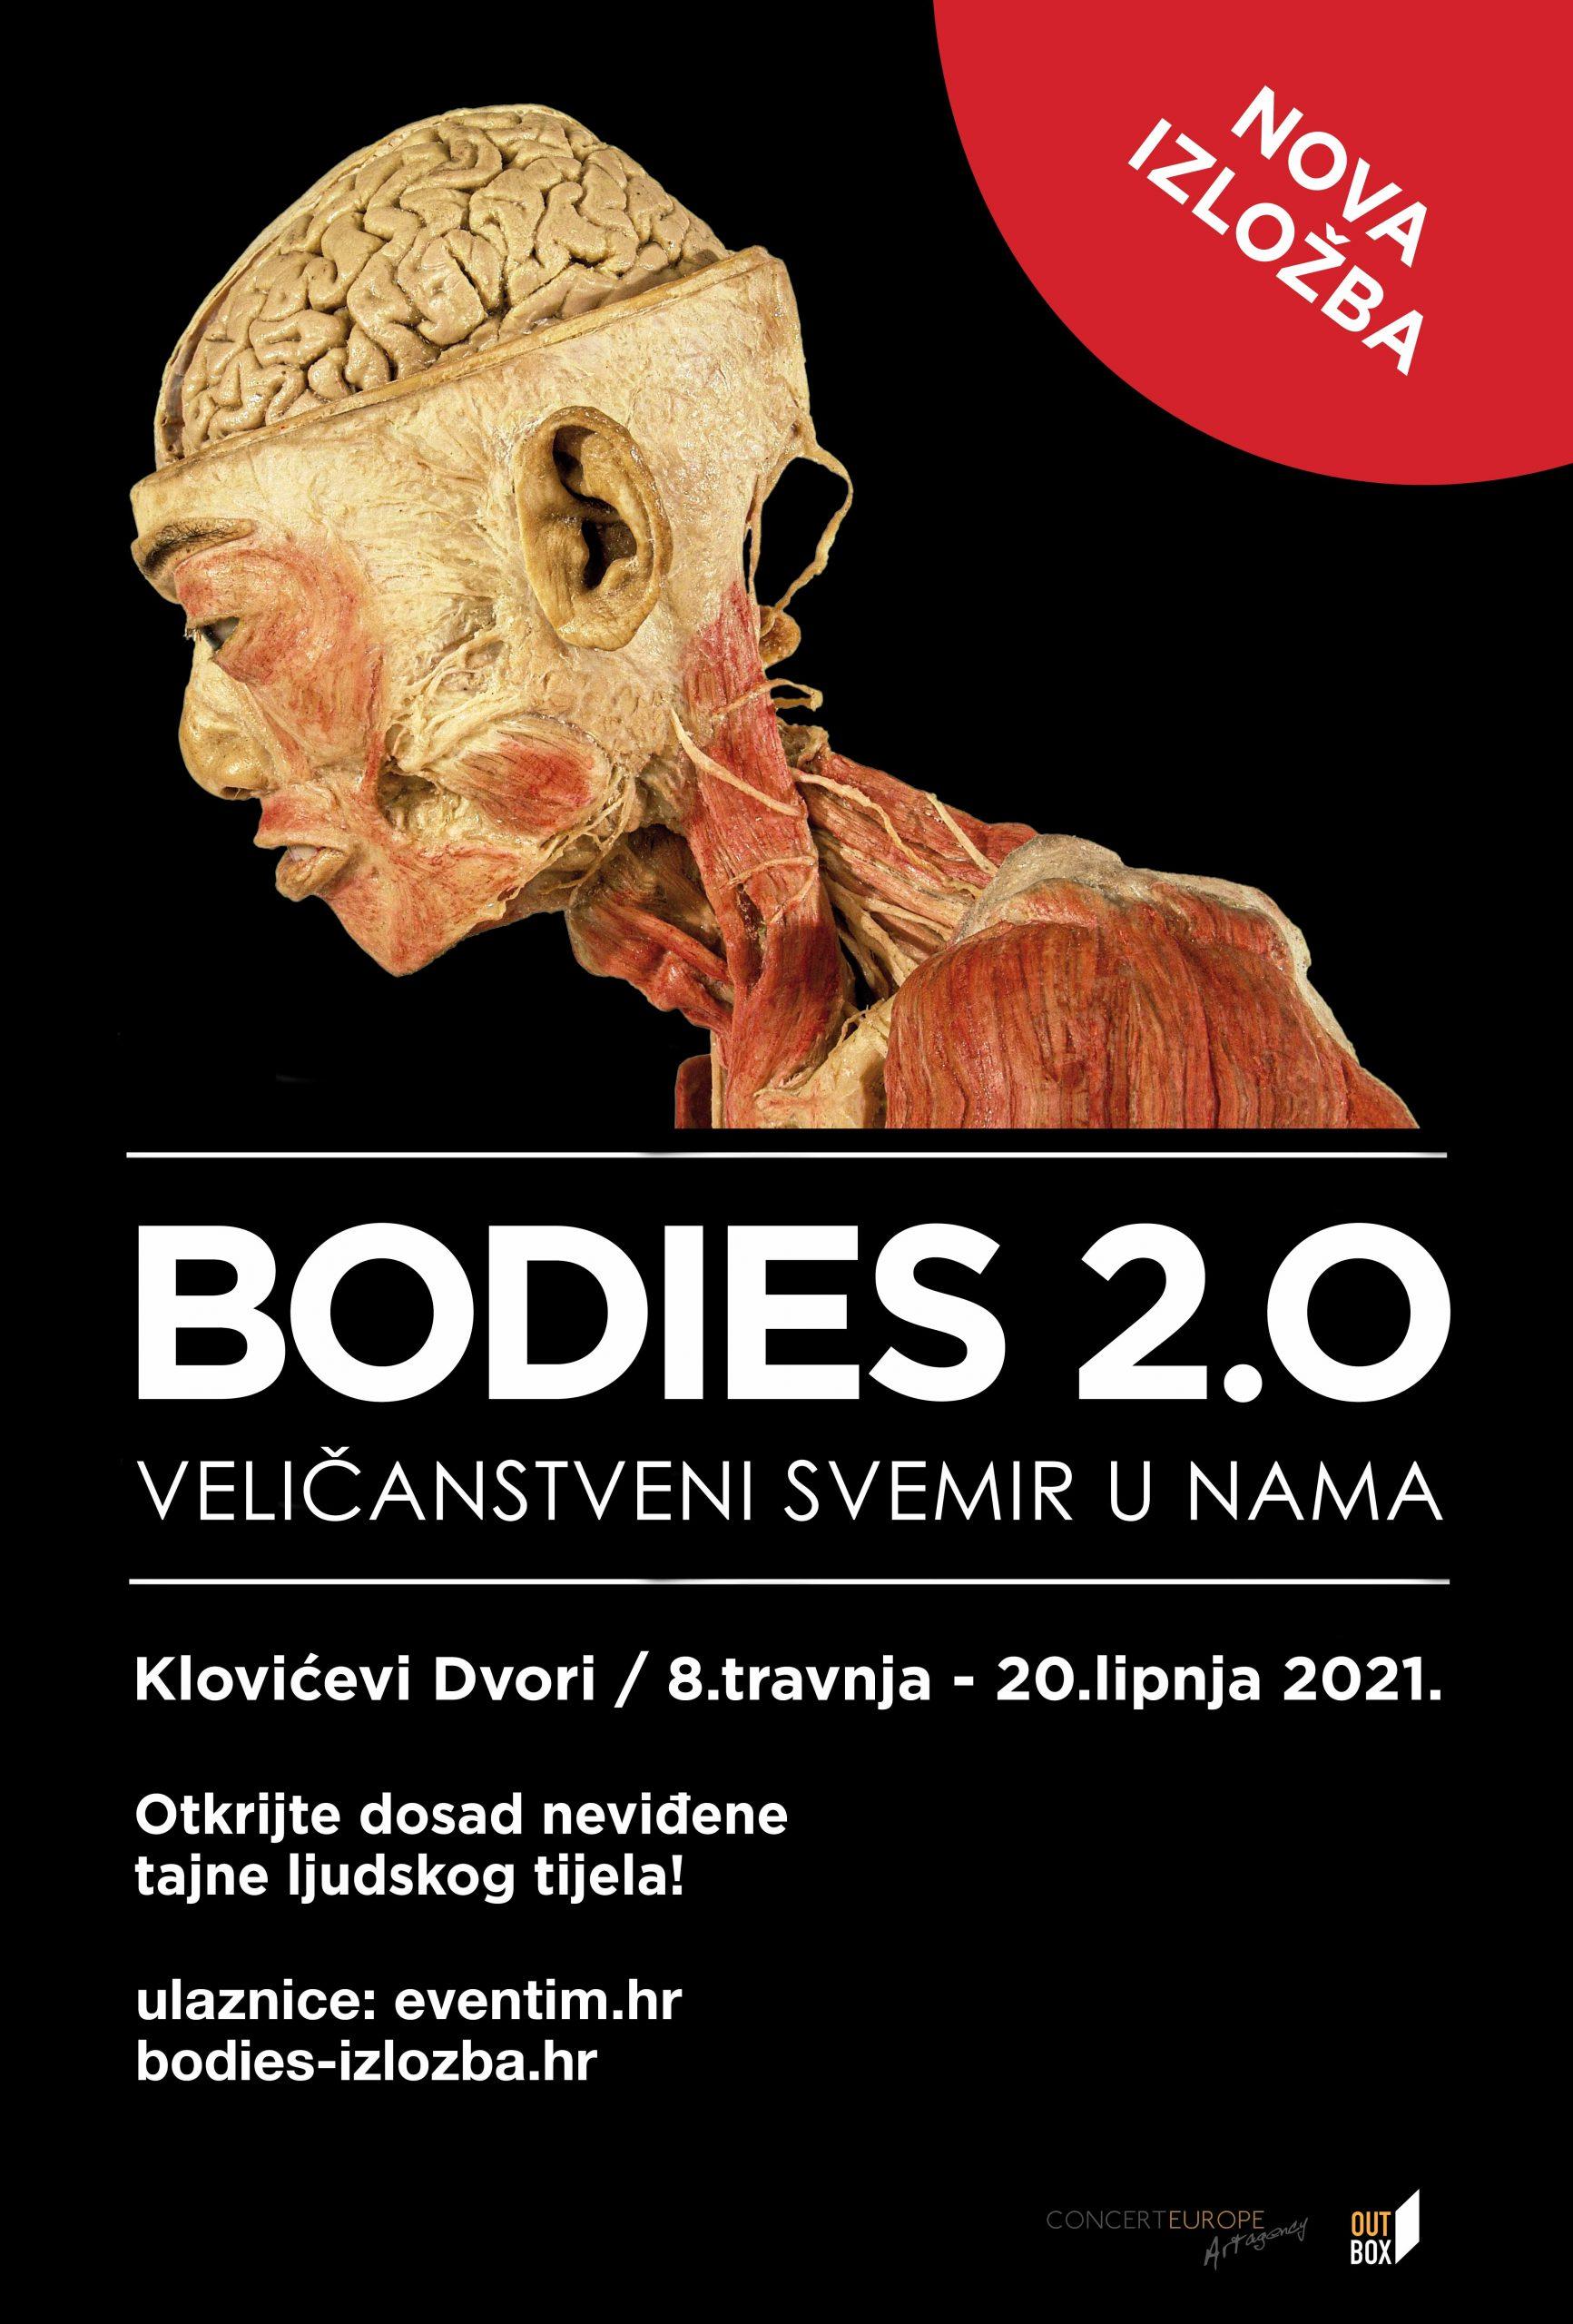 Bodies 2.0 izložba u klovićevom dvorima